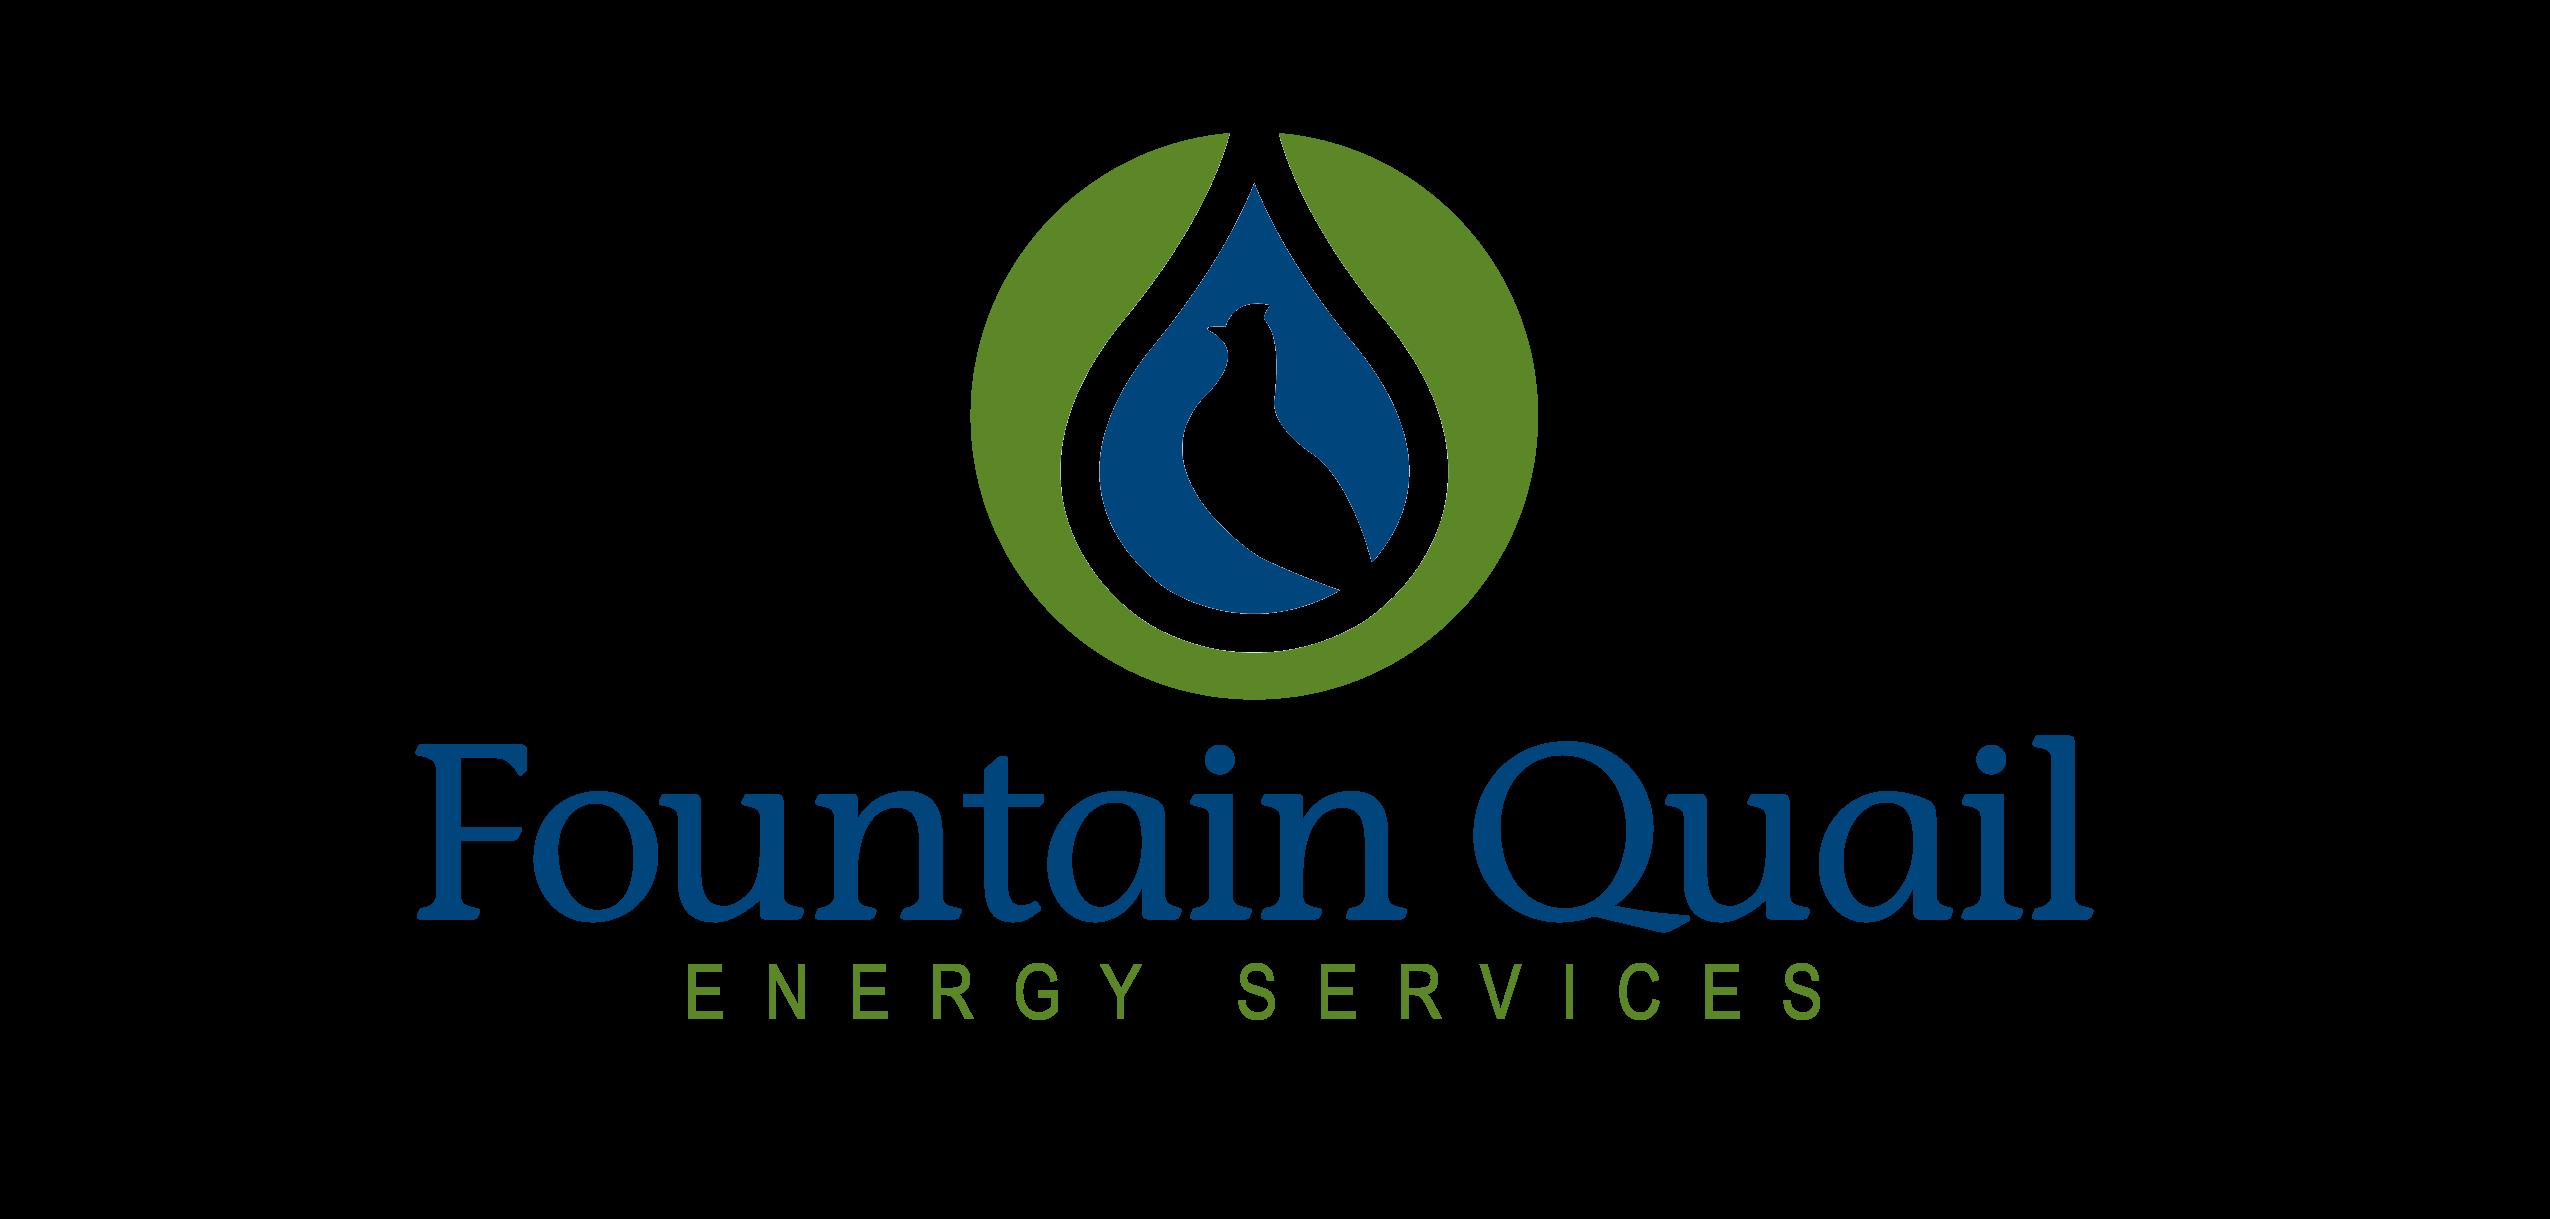 Fountainquail logo